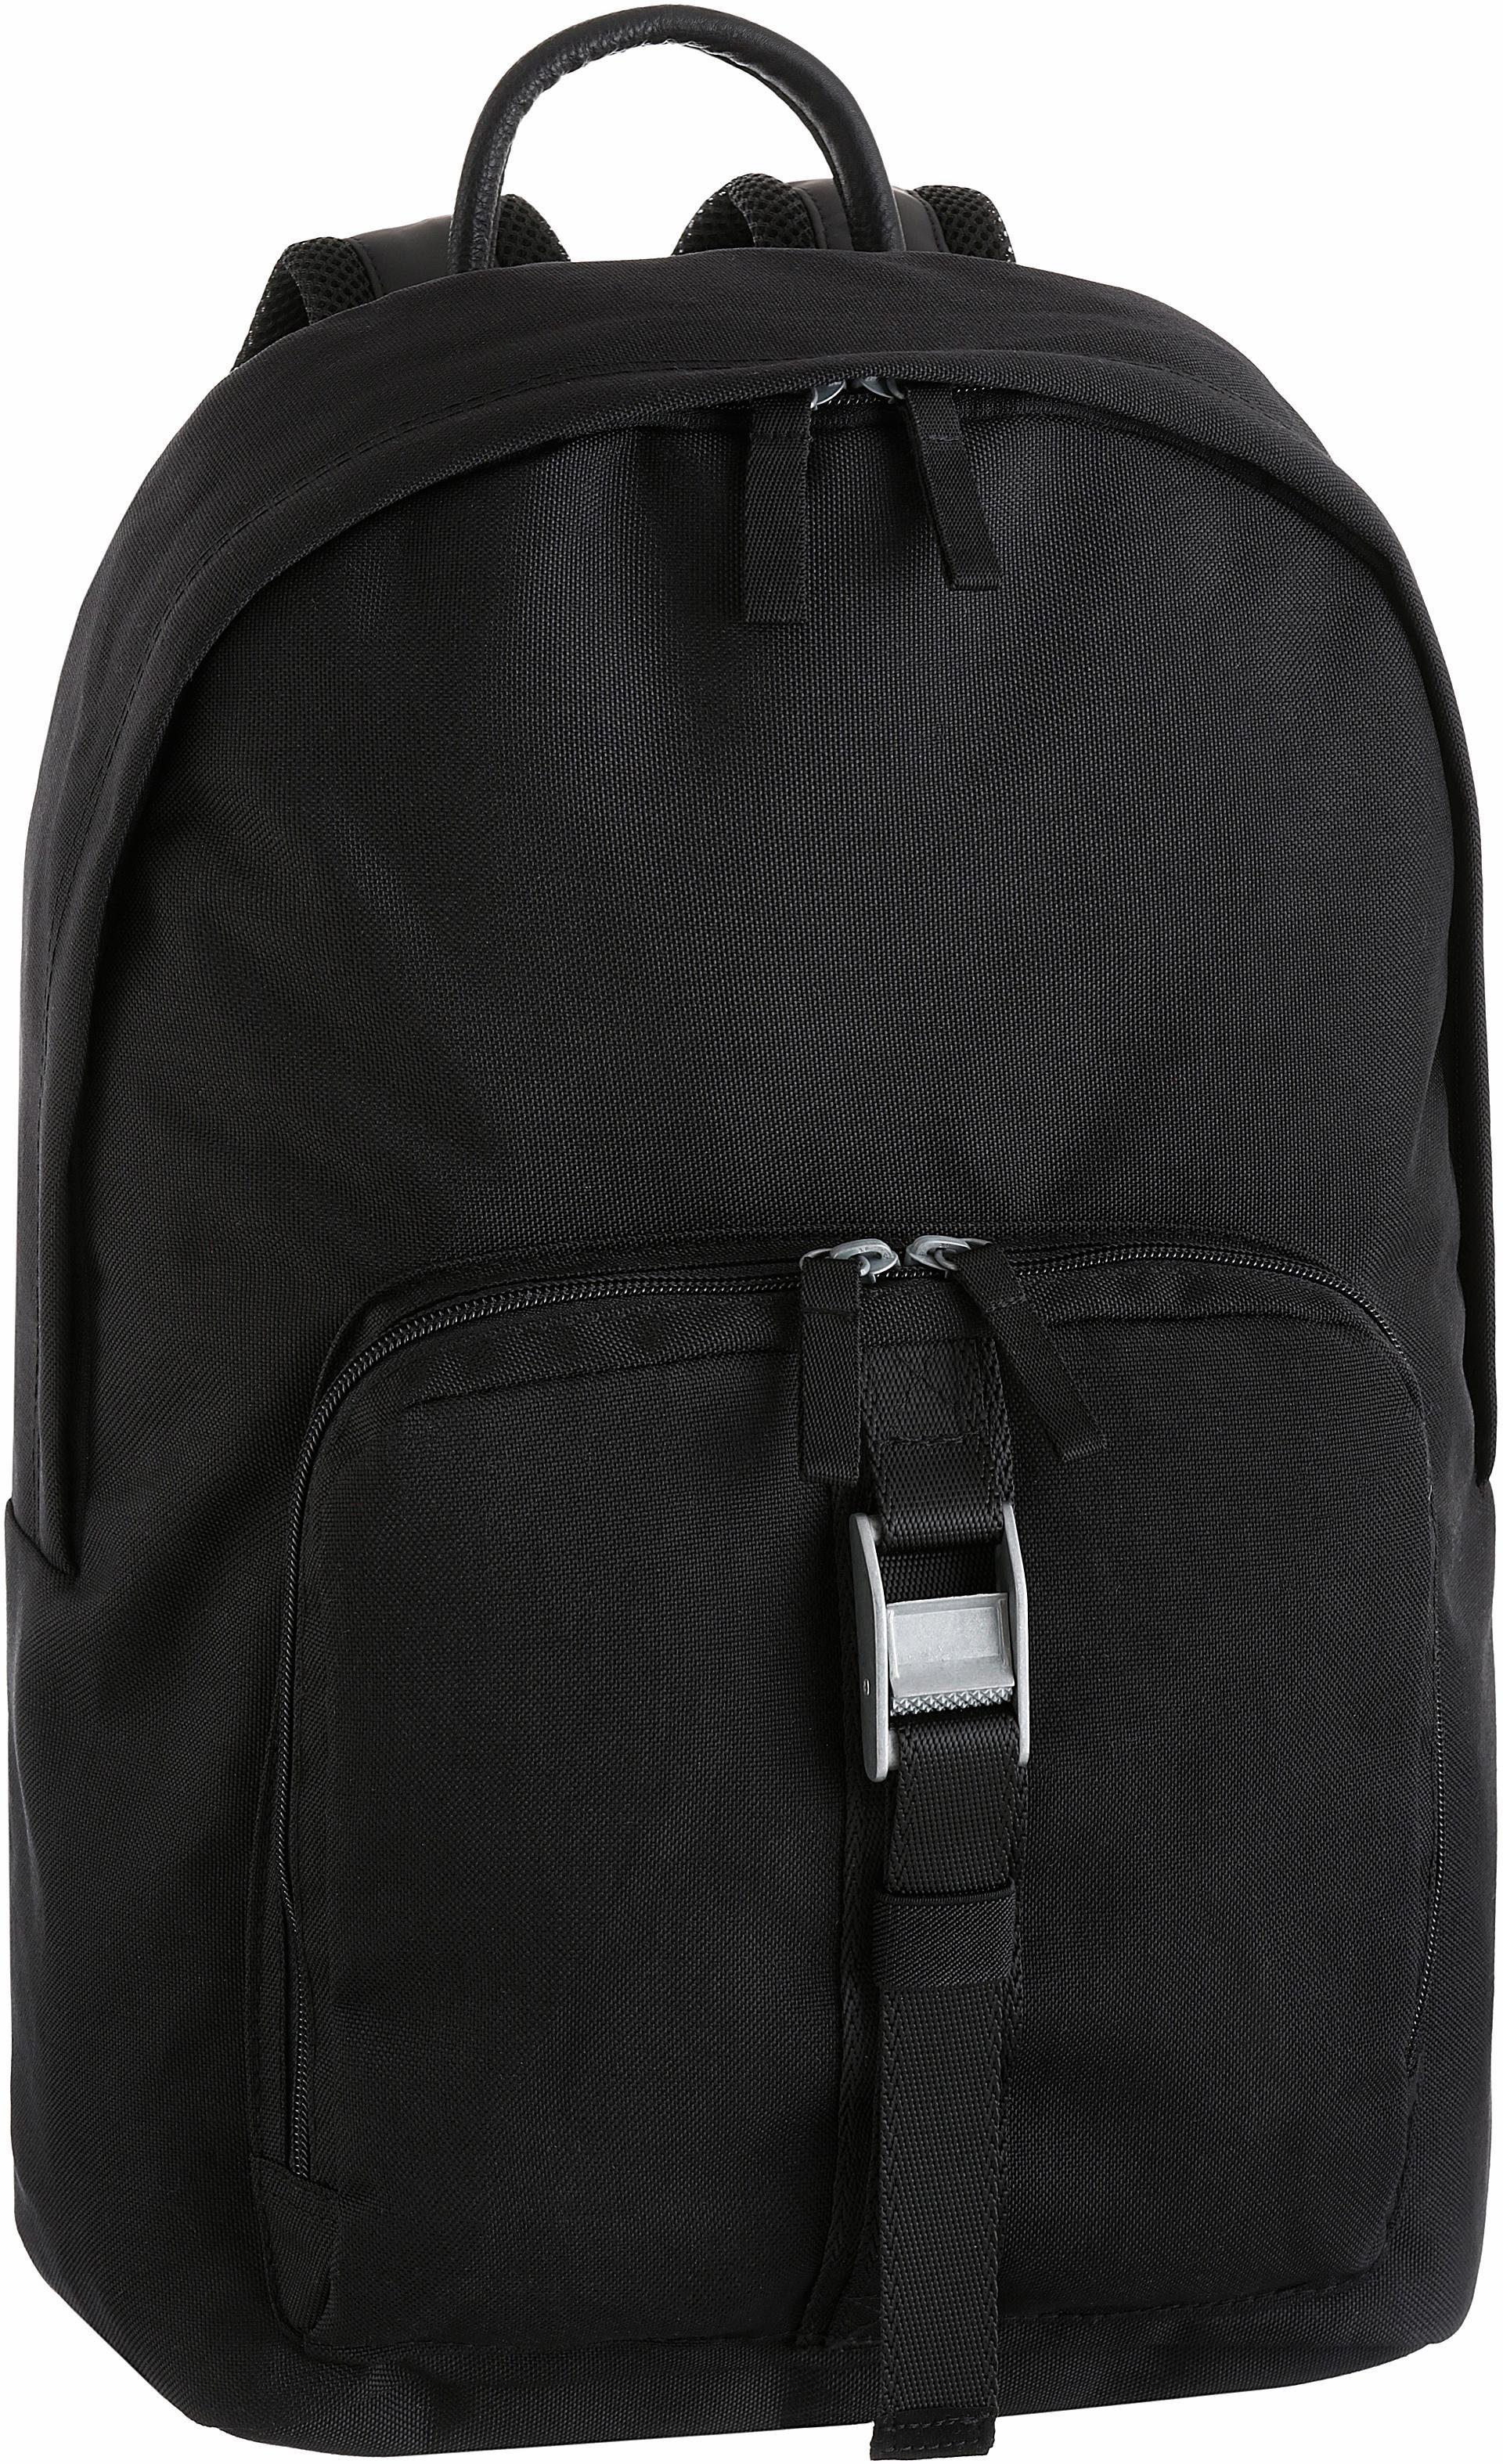 CARGO Rucksack mit 15-Zoll Laptopfach, »Cargo 101, schwarz, 13 l«